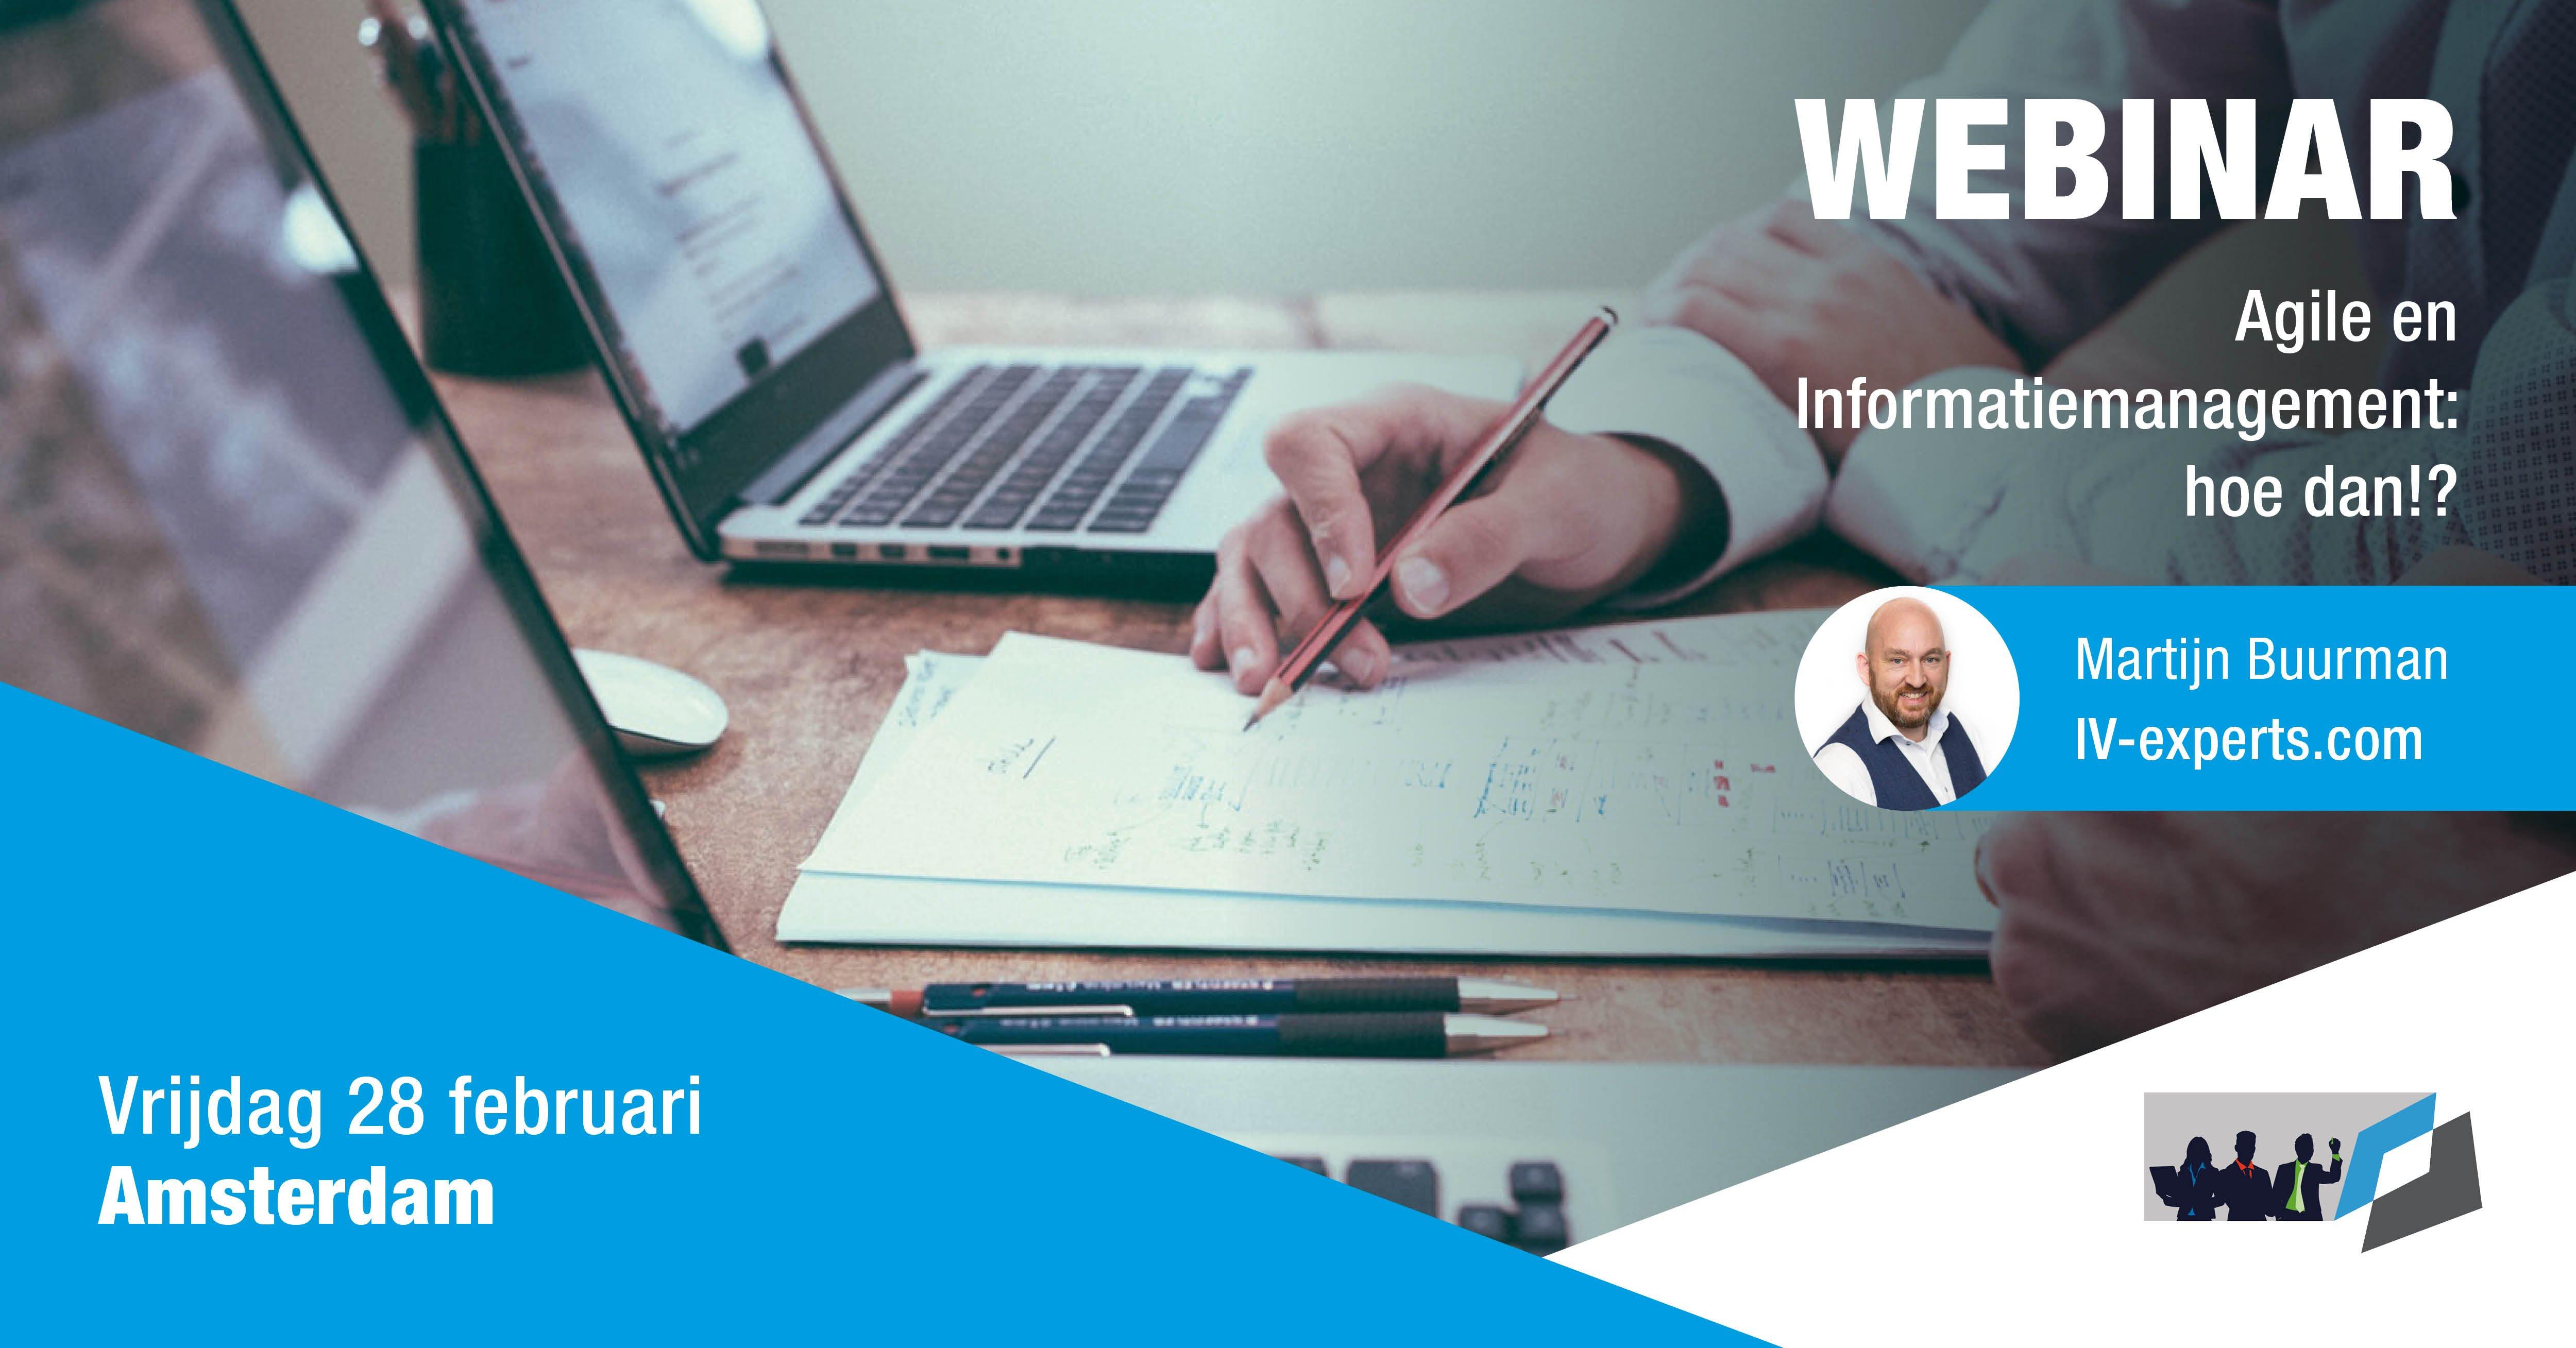 webinar-agile-informatiemanagement-hoe-dan